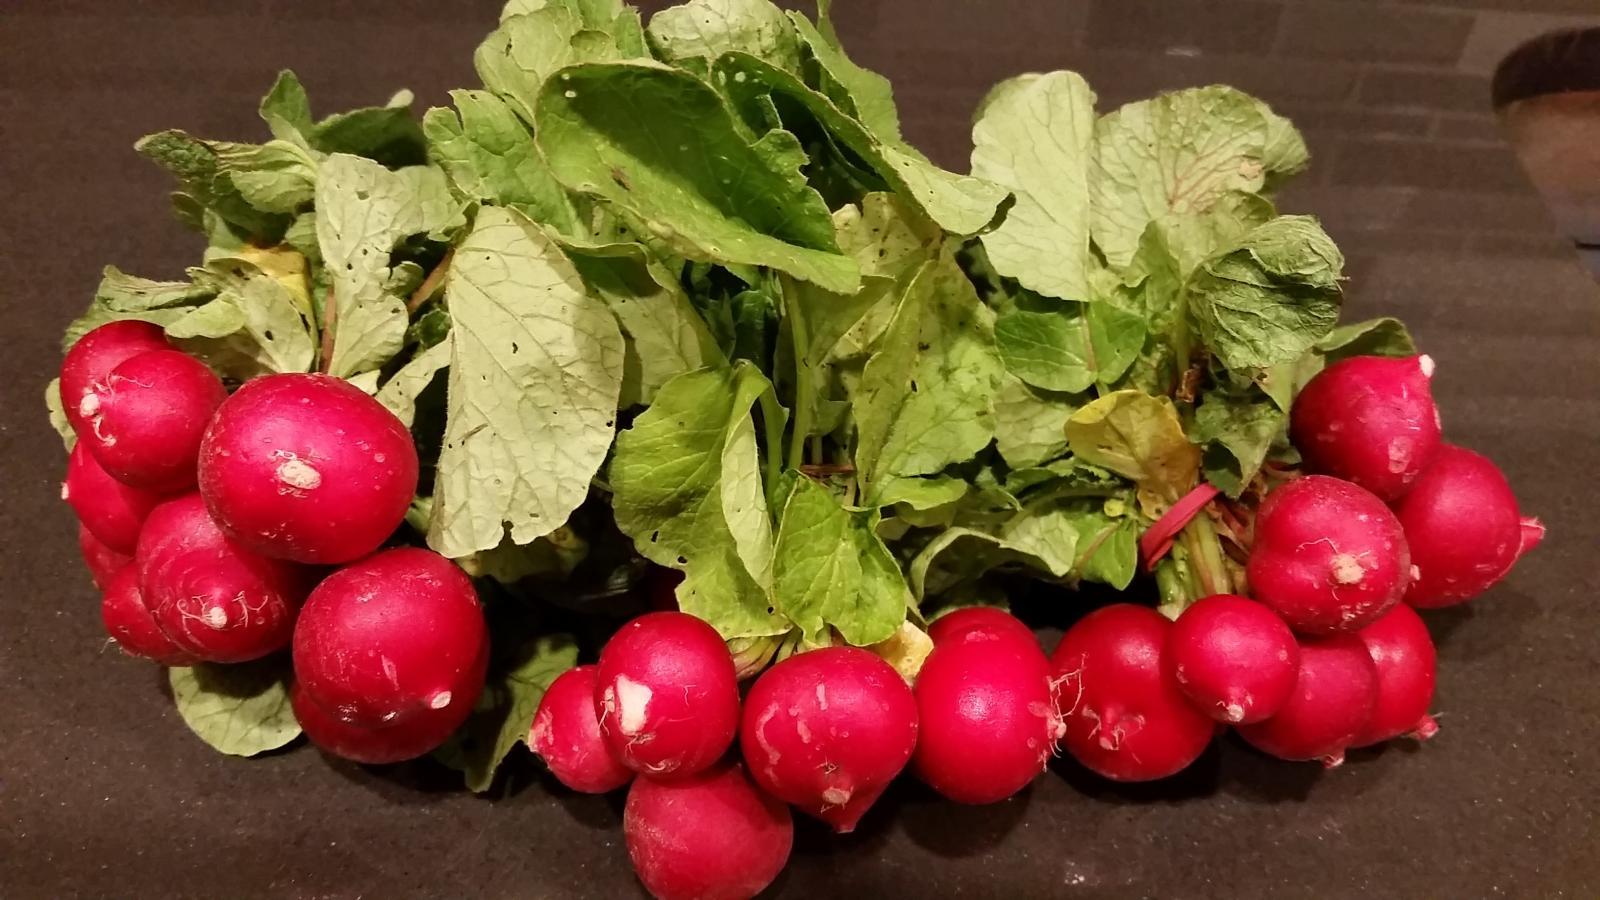 Свекла: что это такое, описание и свойства овоща, интересные факты о нем, урожайность с 1 га, а также какого цвета корнеплод, как выглядят на фото разные сорта?